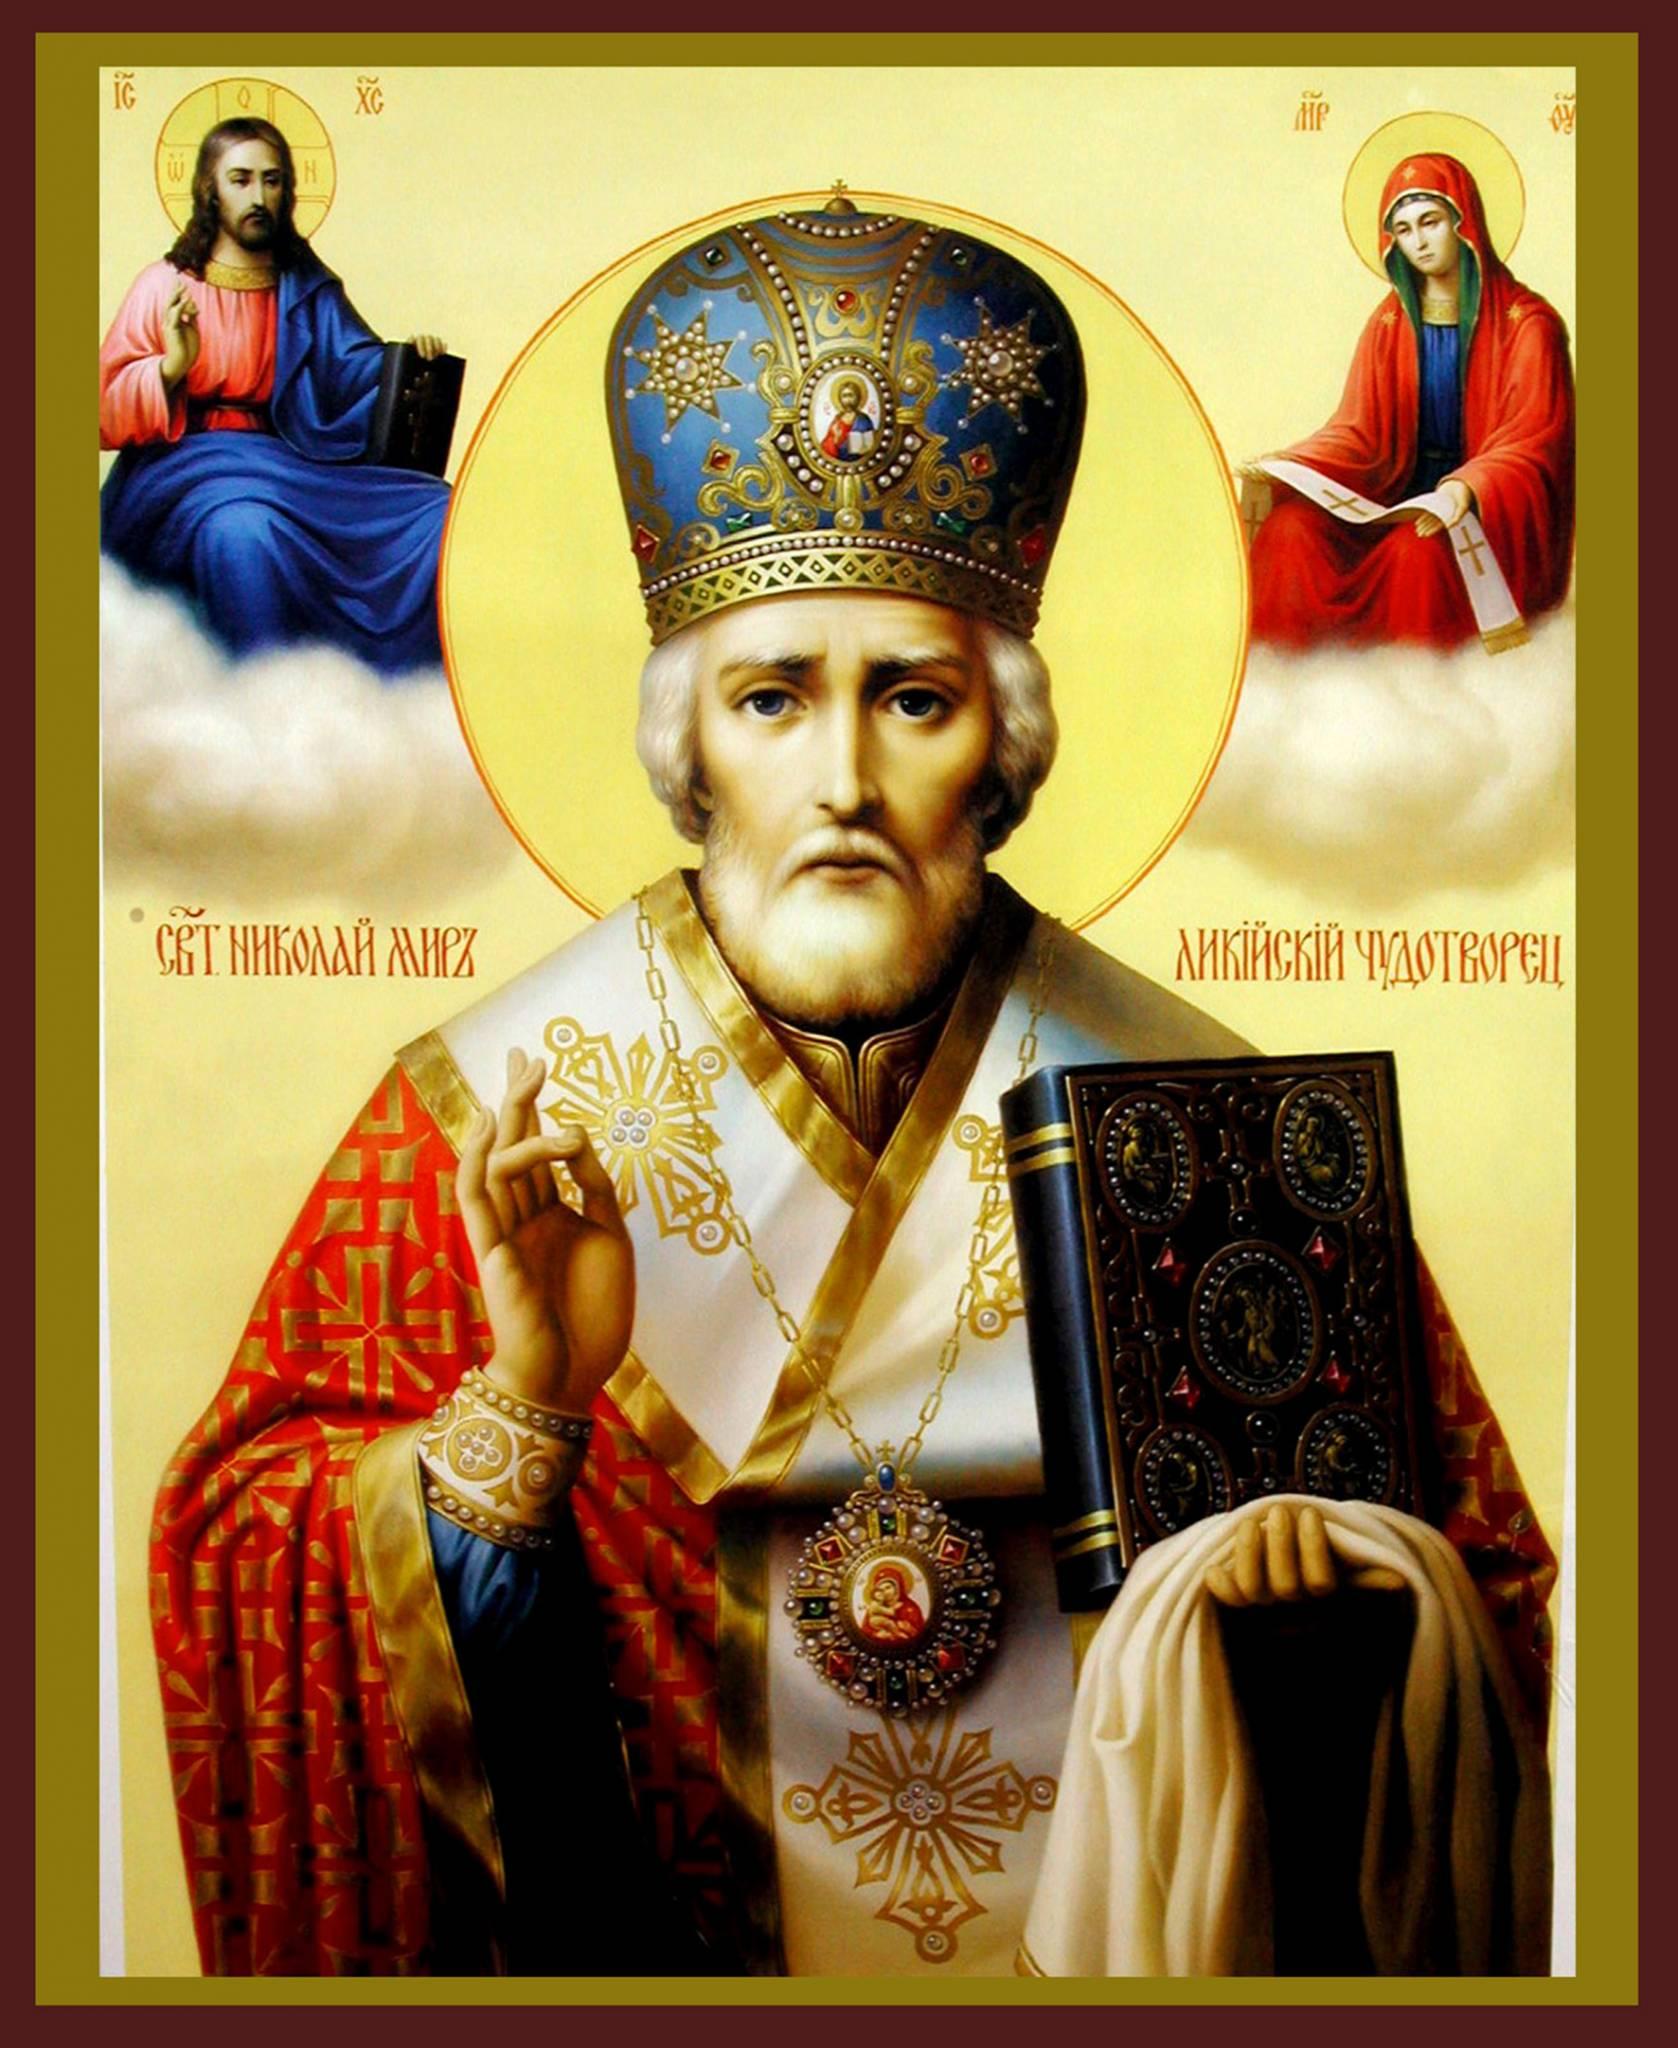 Встречаем день святителя Николая Чудотворца. - Религиозные праздники поздравительные картинки